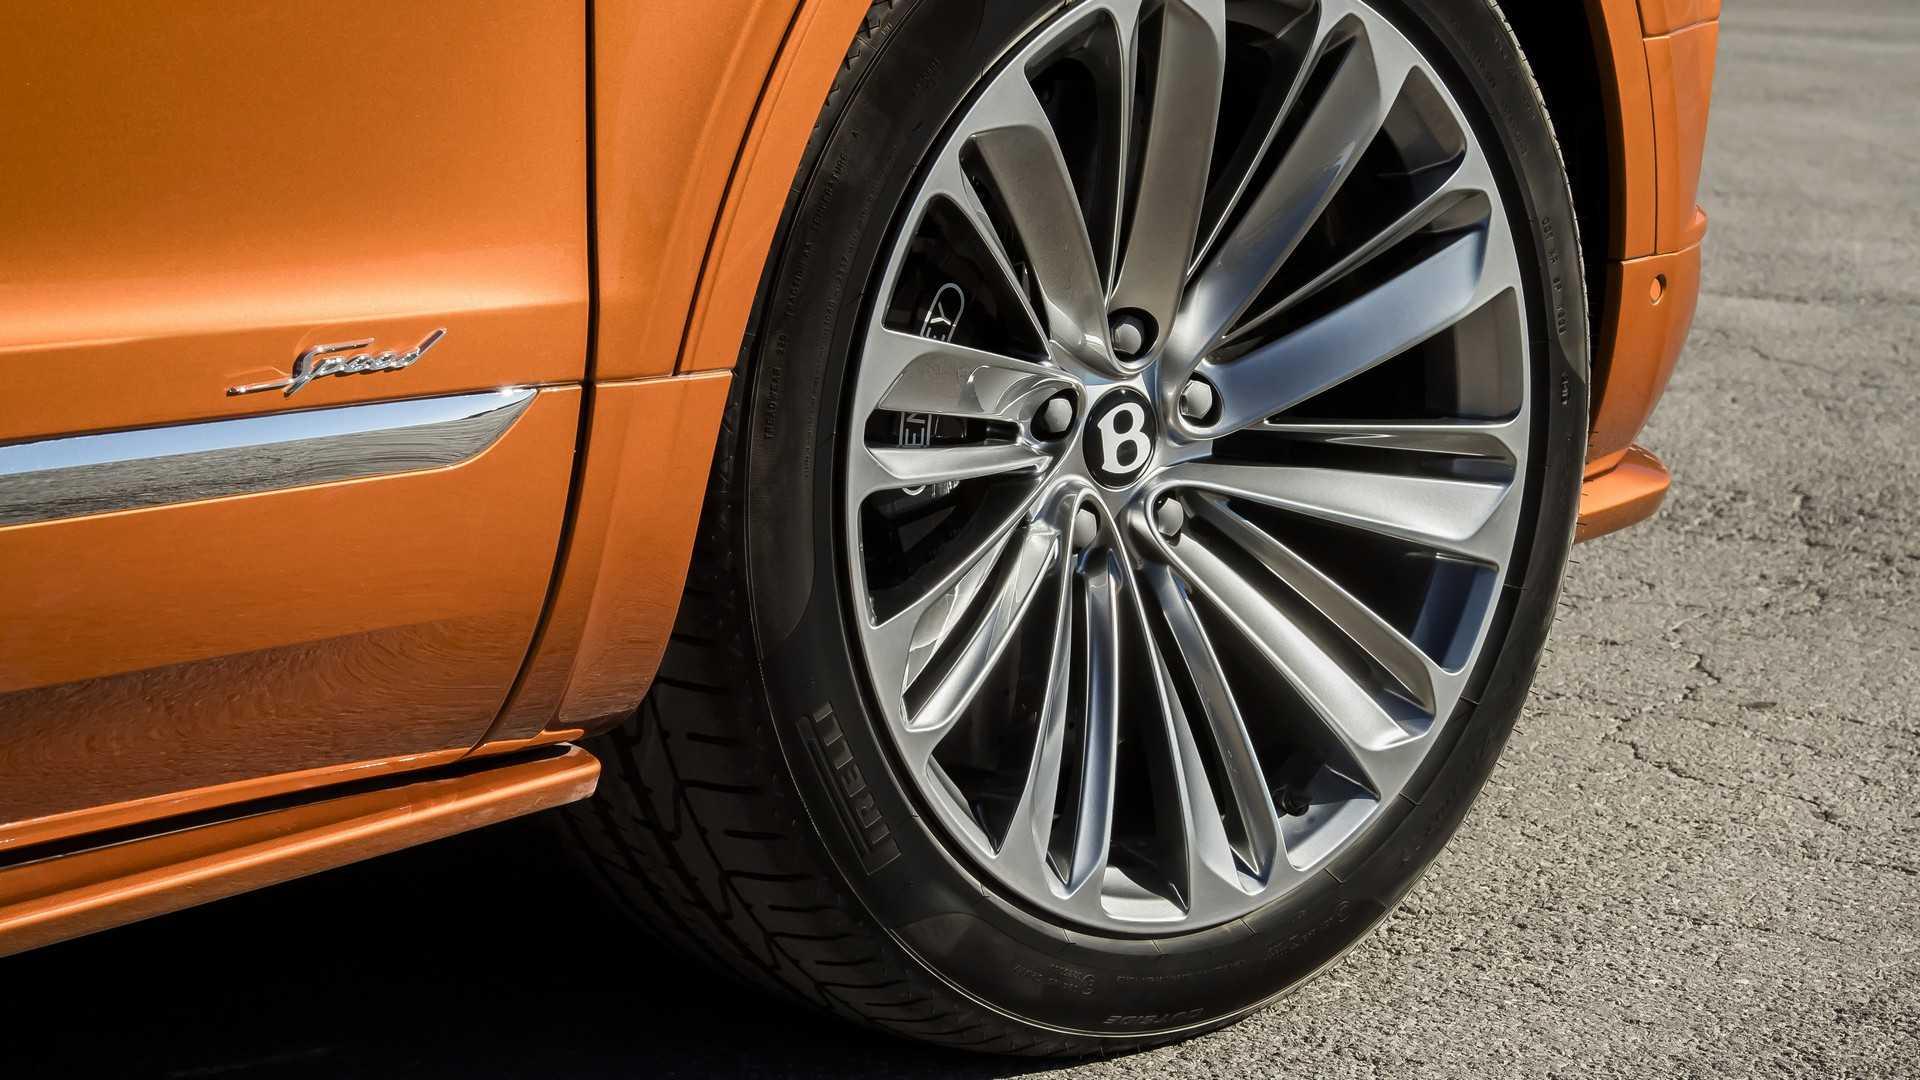 2020 Bentley Bentayga Speed Wheel Wallpapers #17 of 25